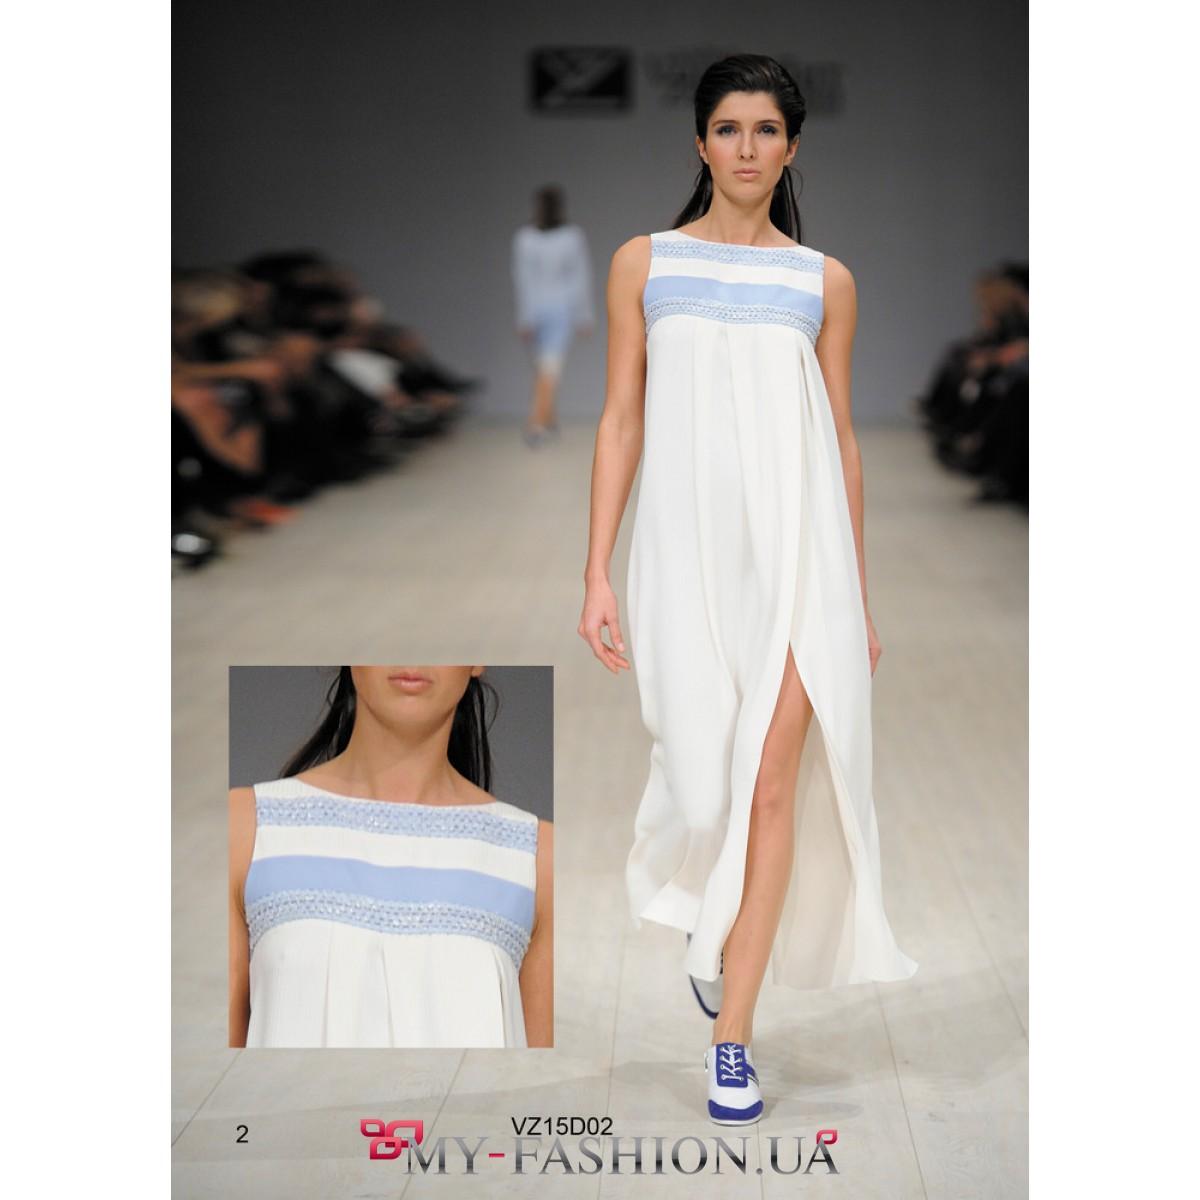 Шелковое платье белое купить